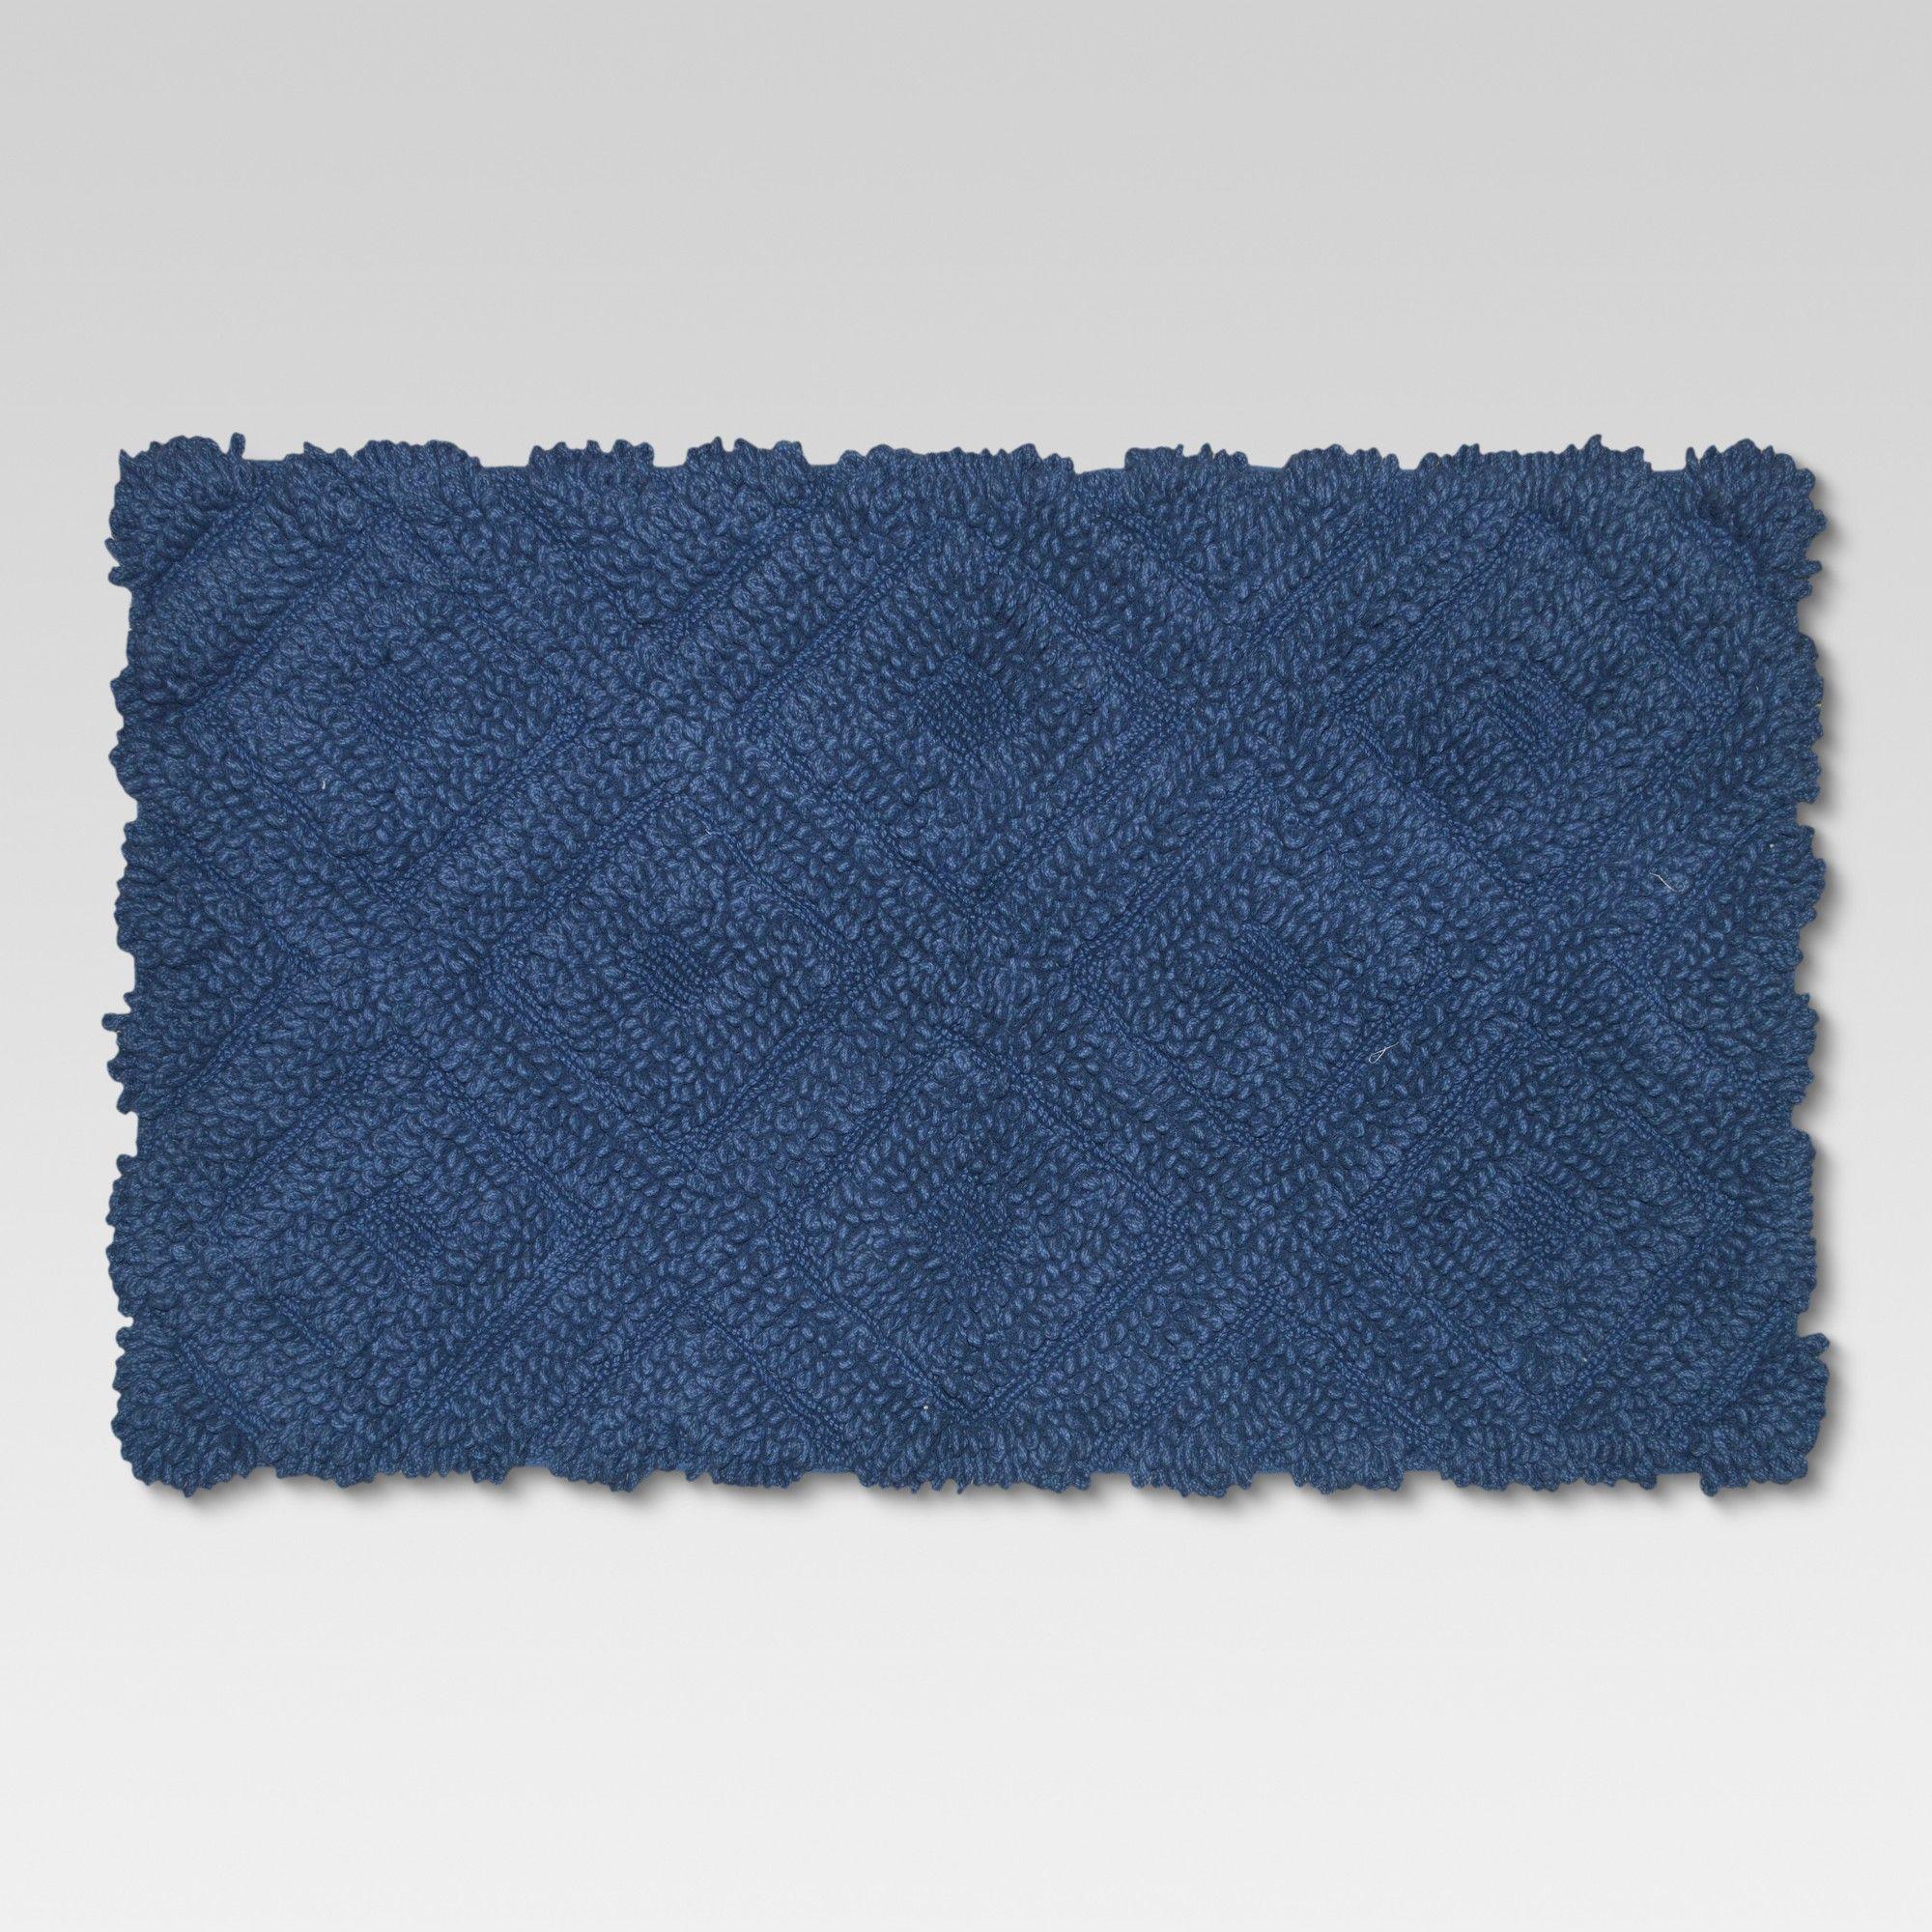 Diamond Bath Rugs 20 X34 Blue Threshold Bath Rug